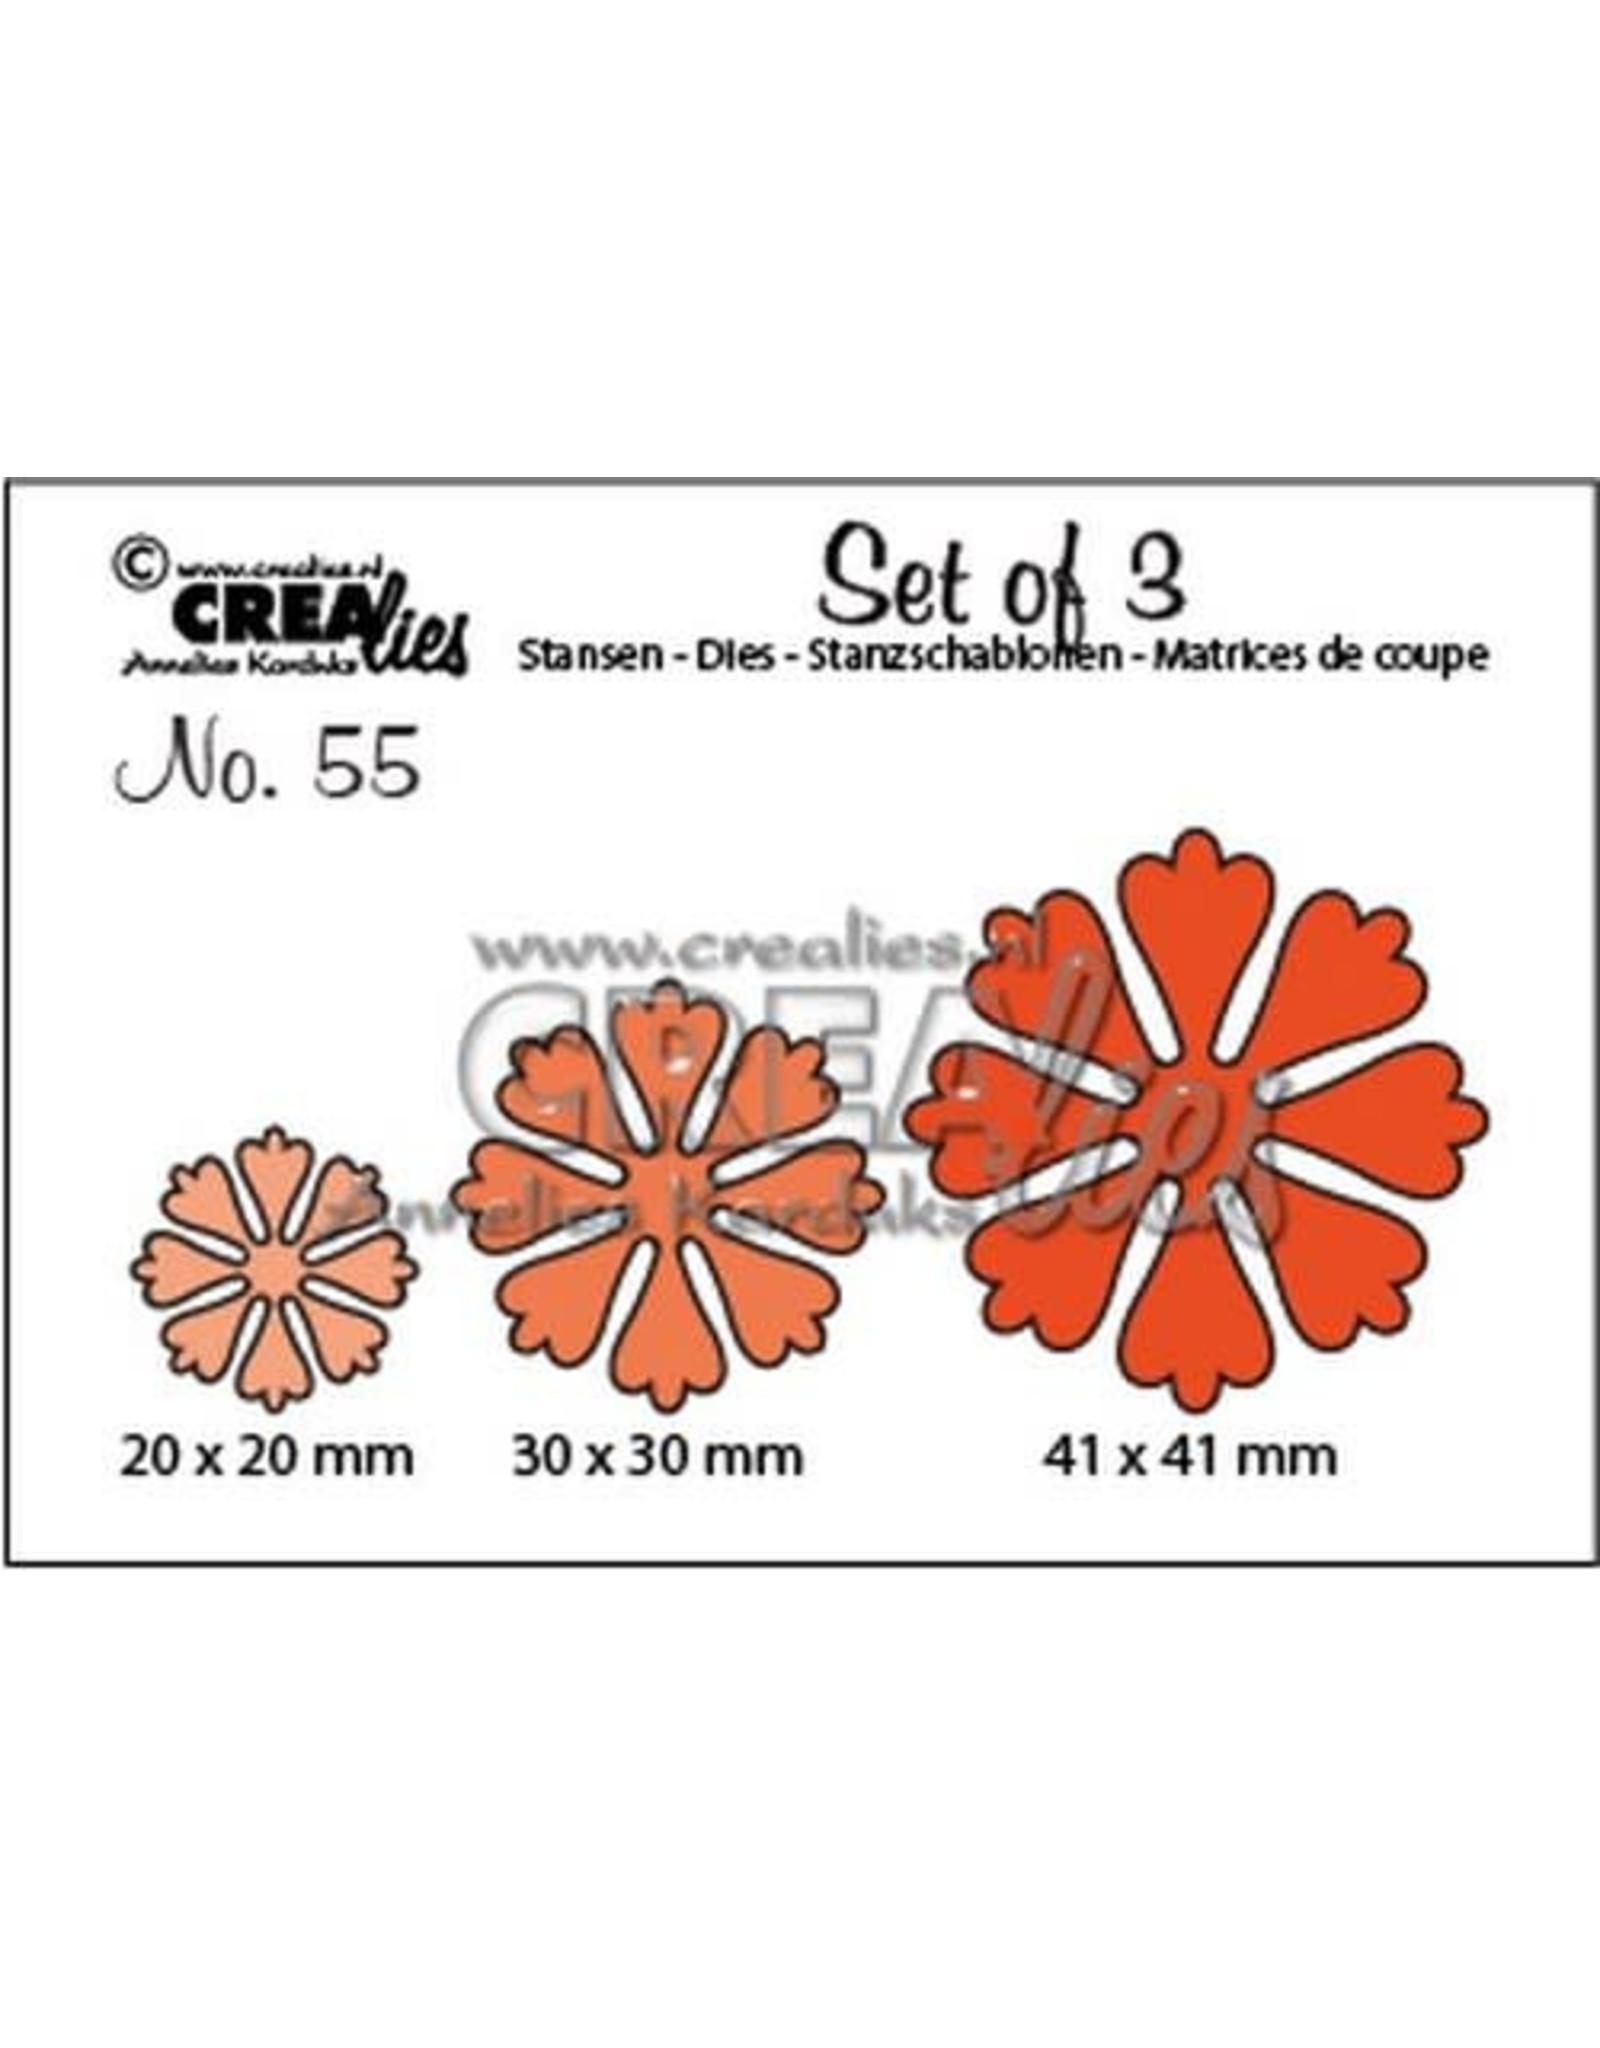 Crealies Crealies Set of 3 no. 55 Bloemen 24 CLSet55 20x20 mm - 41x41 mm